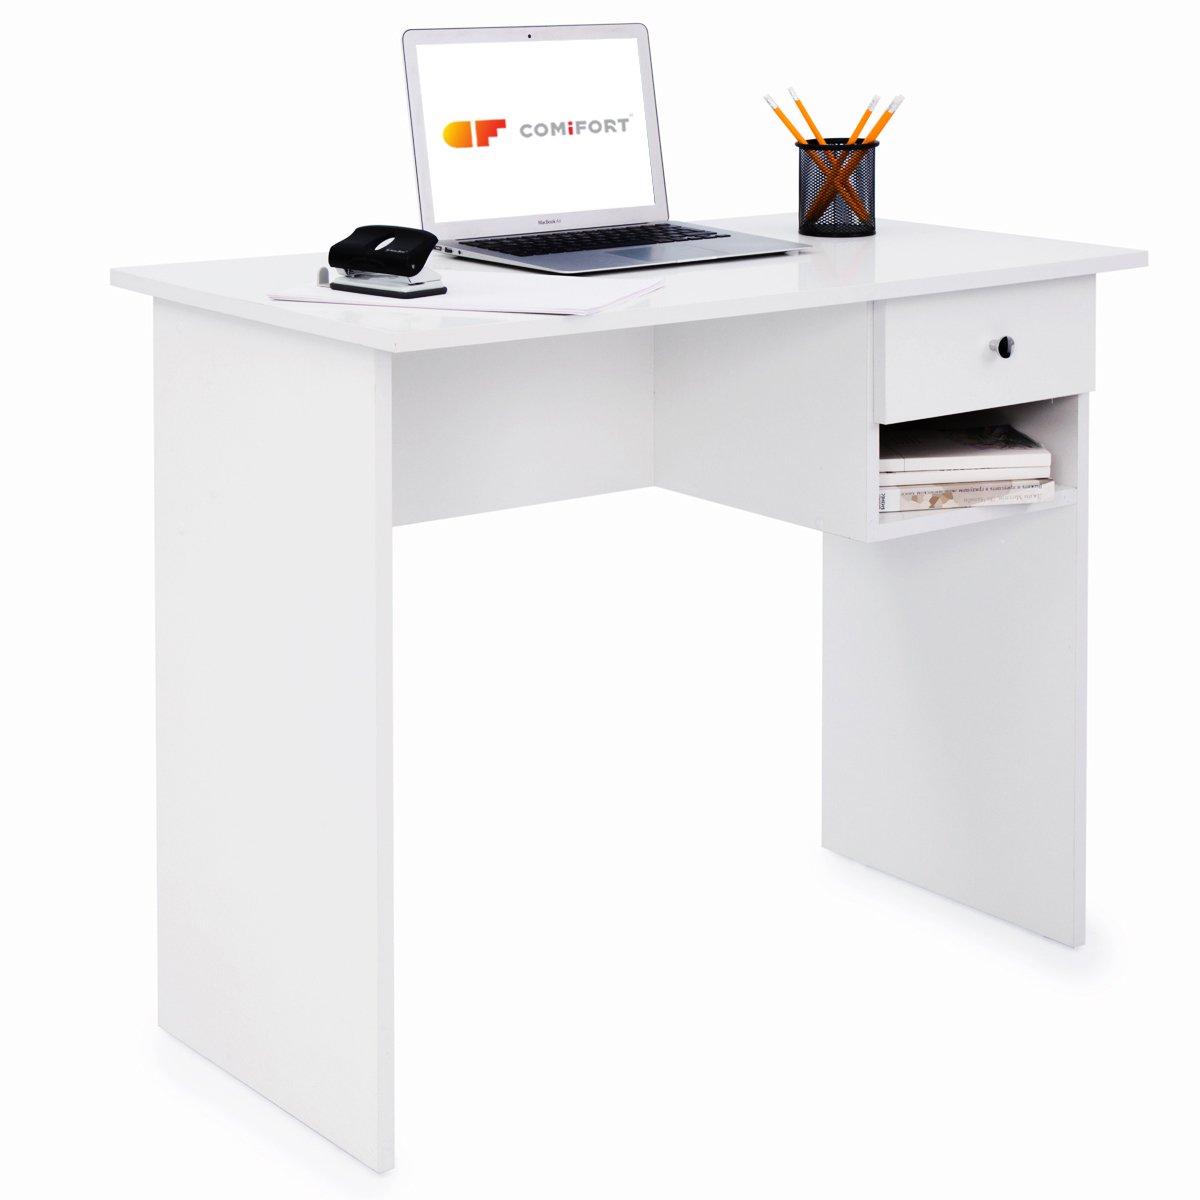 COMIFORT T02B - Escritorio con Cajon e Estante, Mesa de Ordenador, 90x50x74 cm (